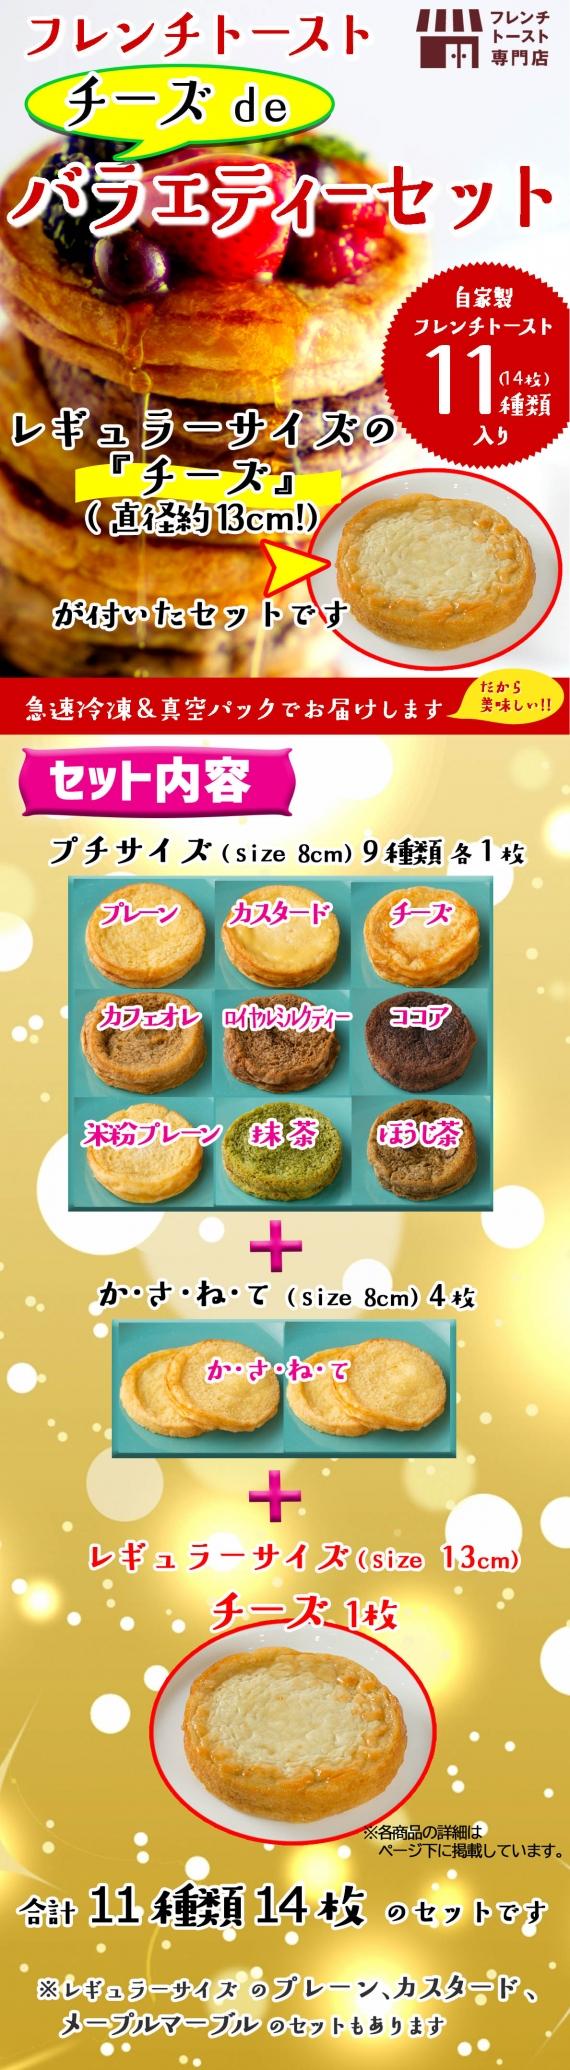 フレンチトースト チーズdeバラエティーセット【11種類合計14枚入】【お歳暮2020】【スイーツ・洋菓子・和菓子】